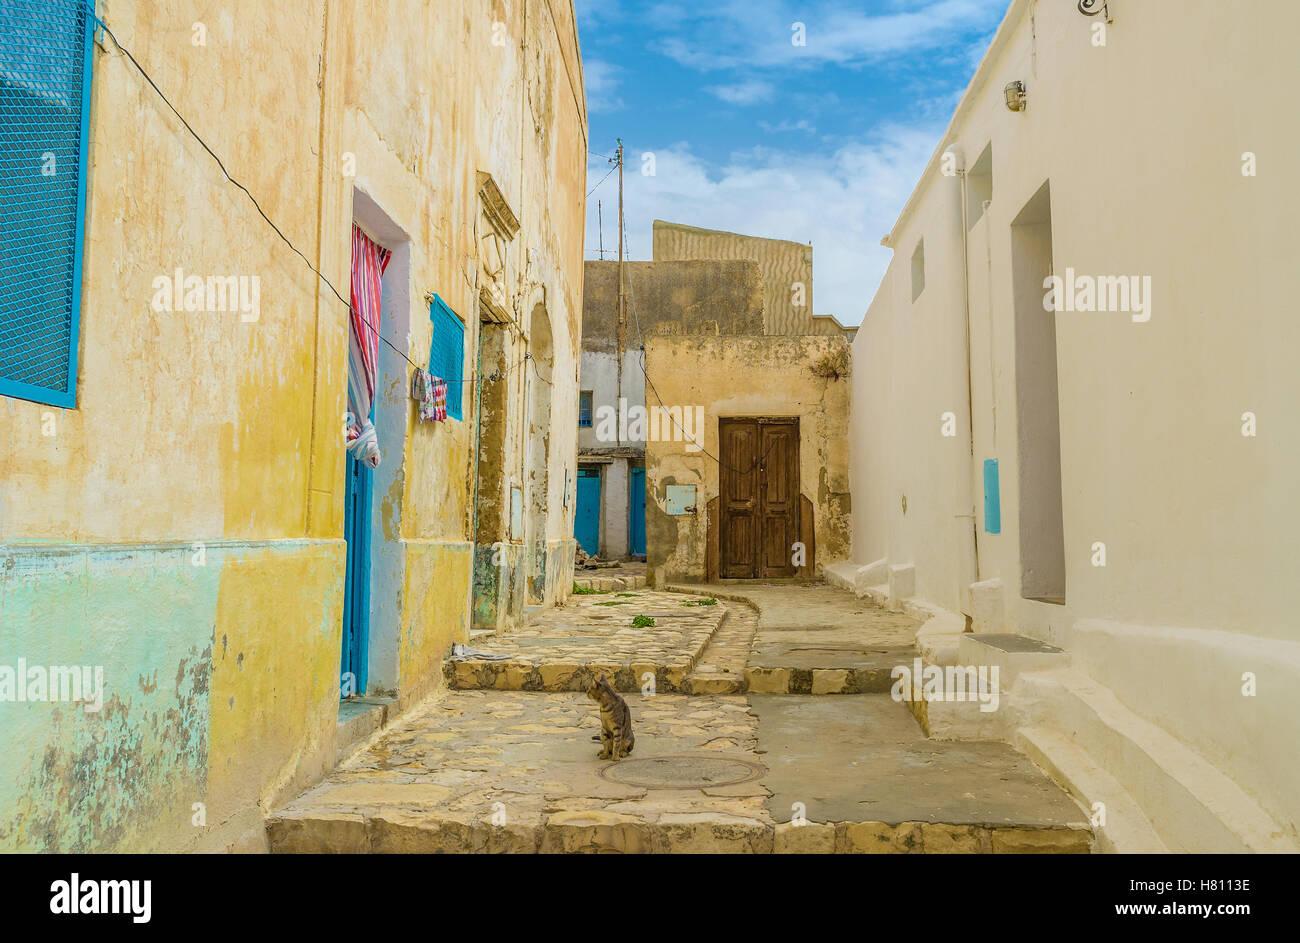 Der kleine Hof in alten Wohngegend von El Kef mit bröckelnde Wände und Türen aus Holz, Tunesien. Stockbild